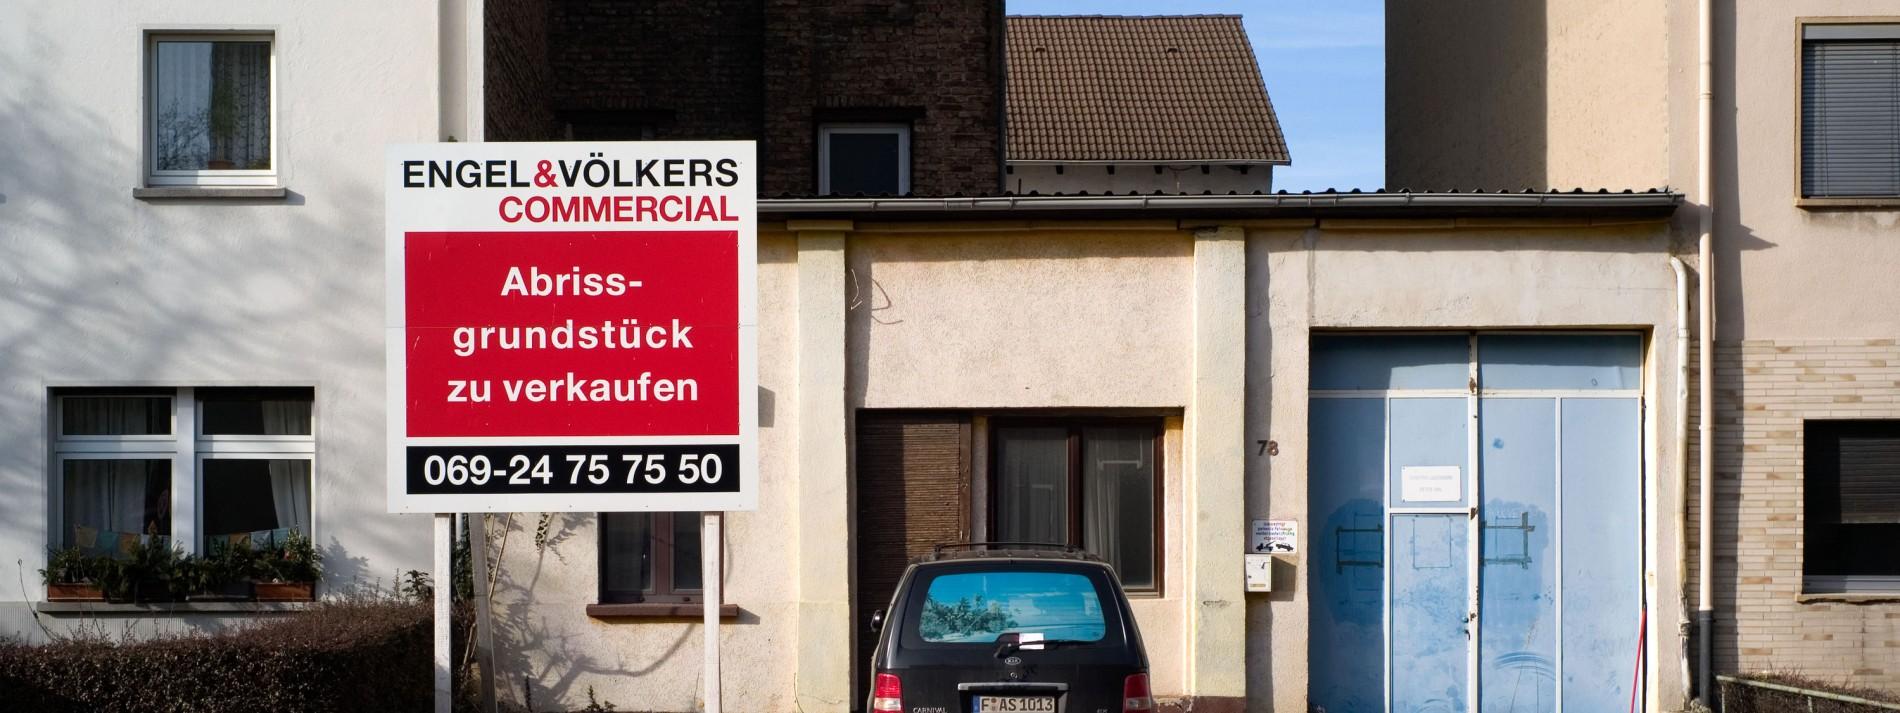 Finanzinvestor kauft Mehrheit an Engel & Völkers